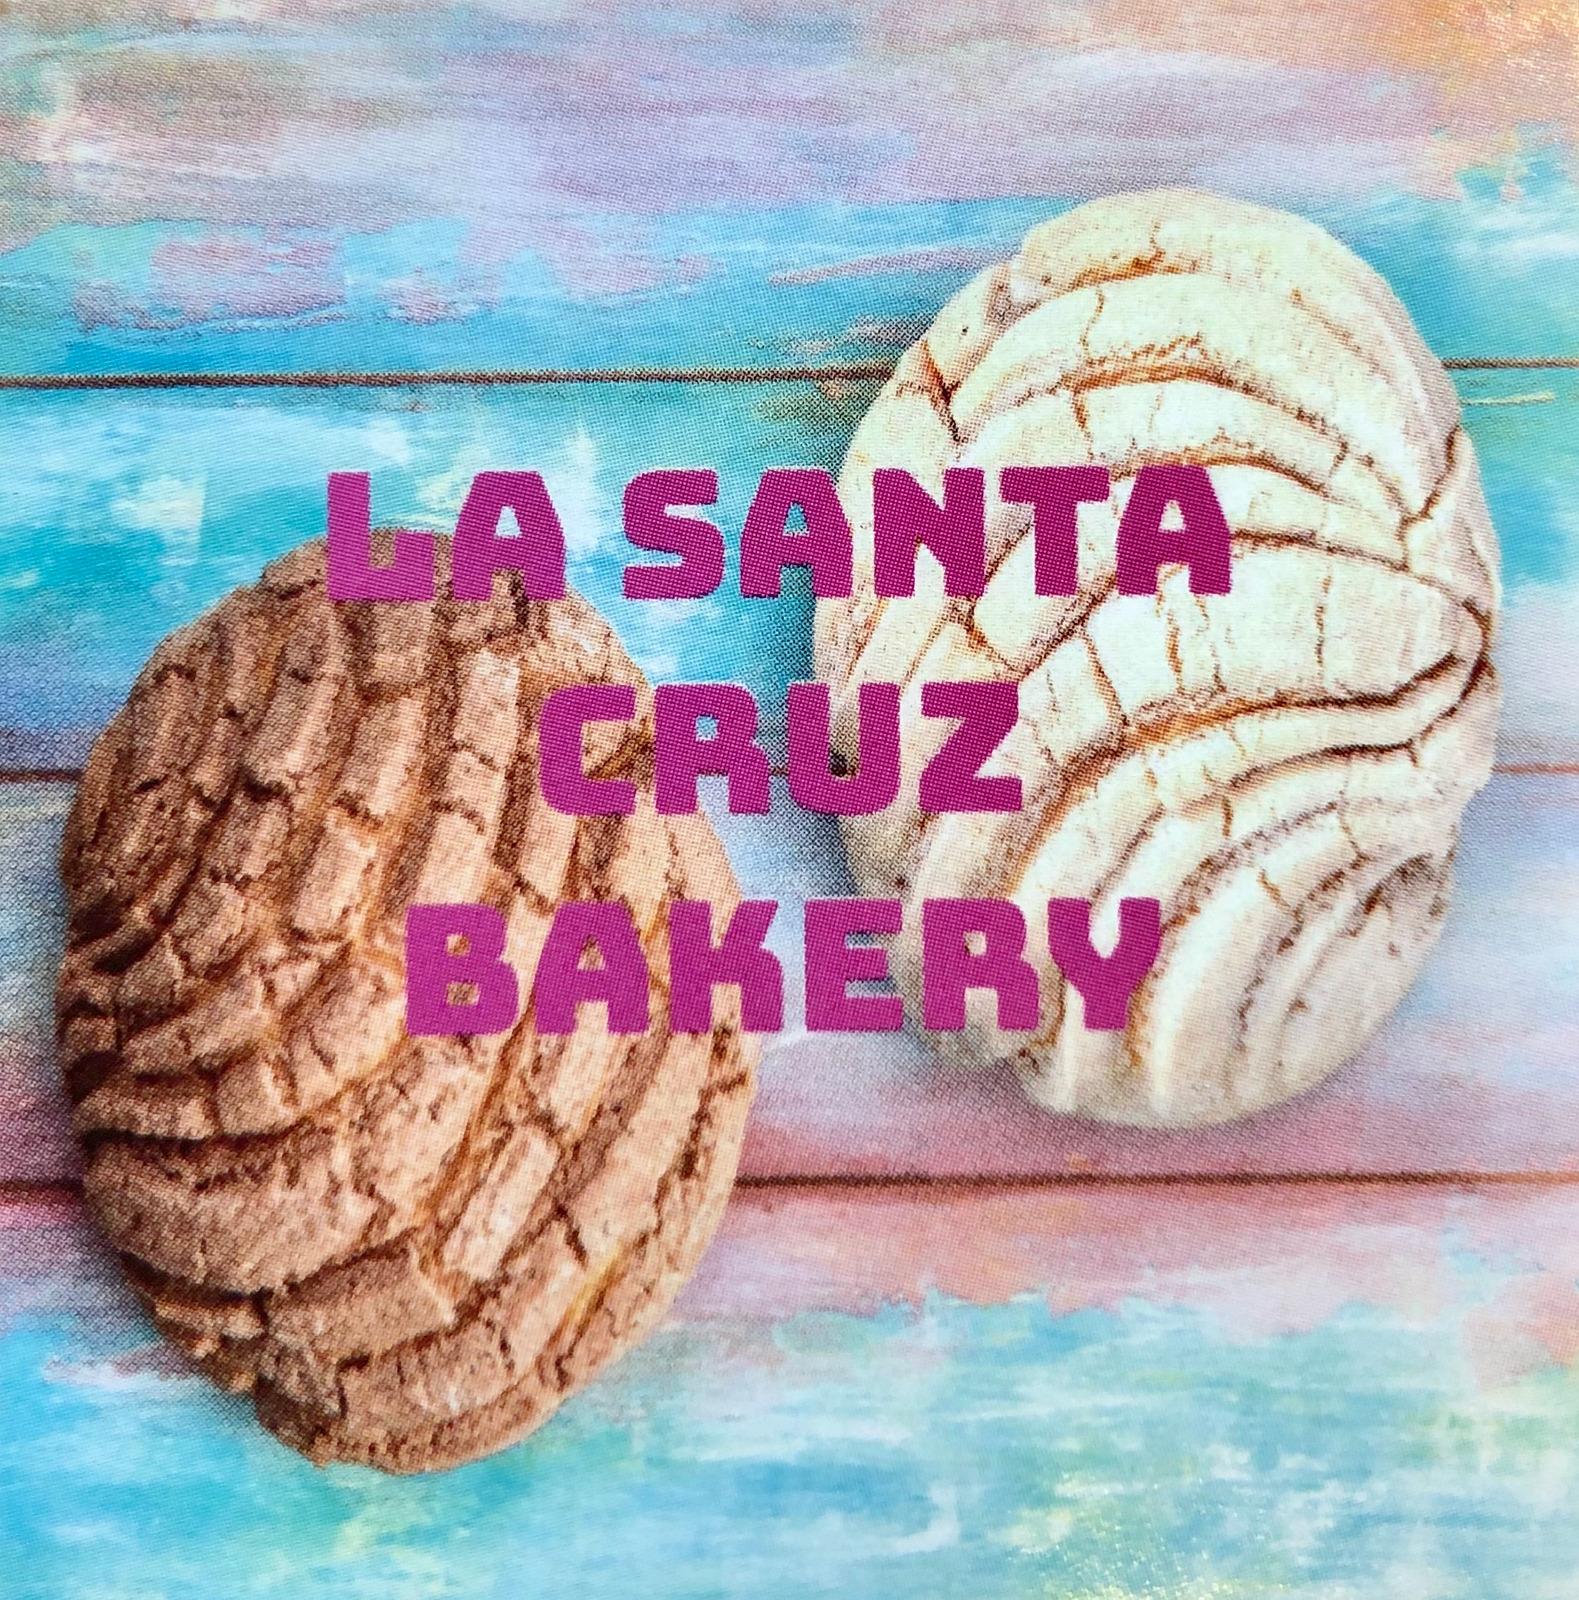 sc bakery.jpg